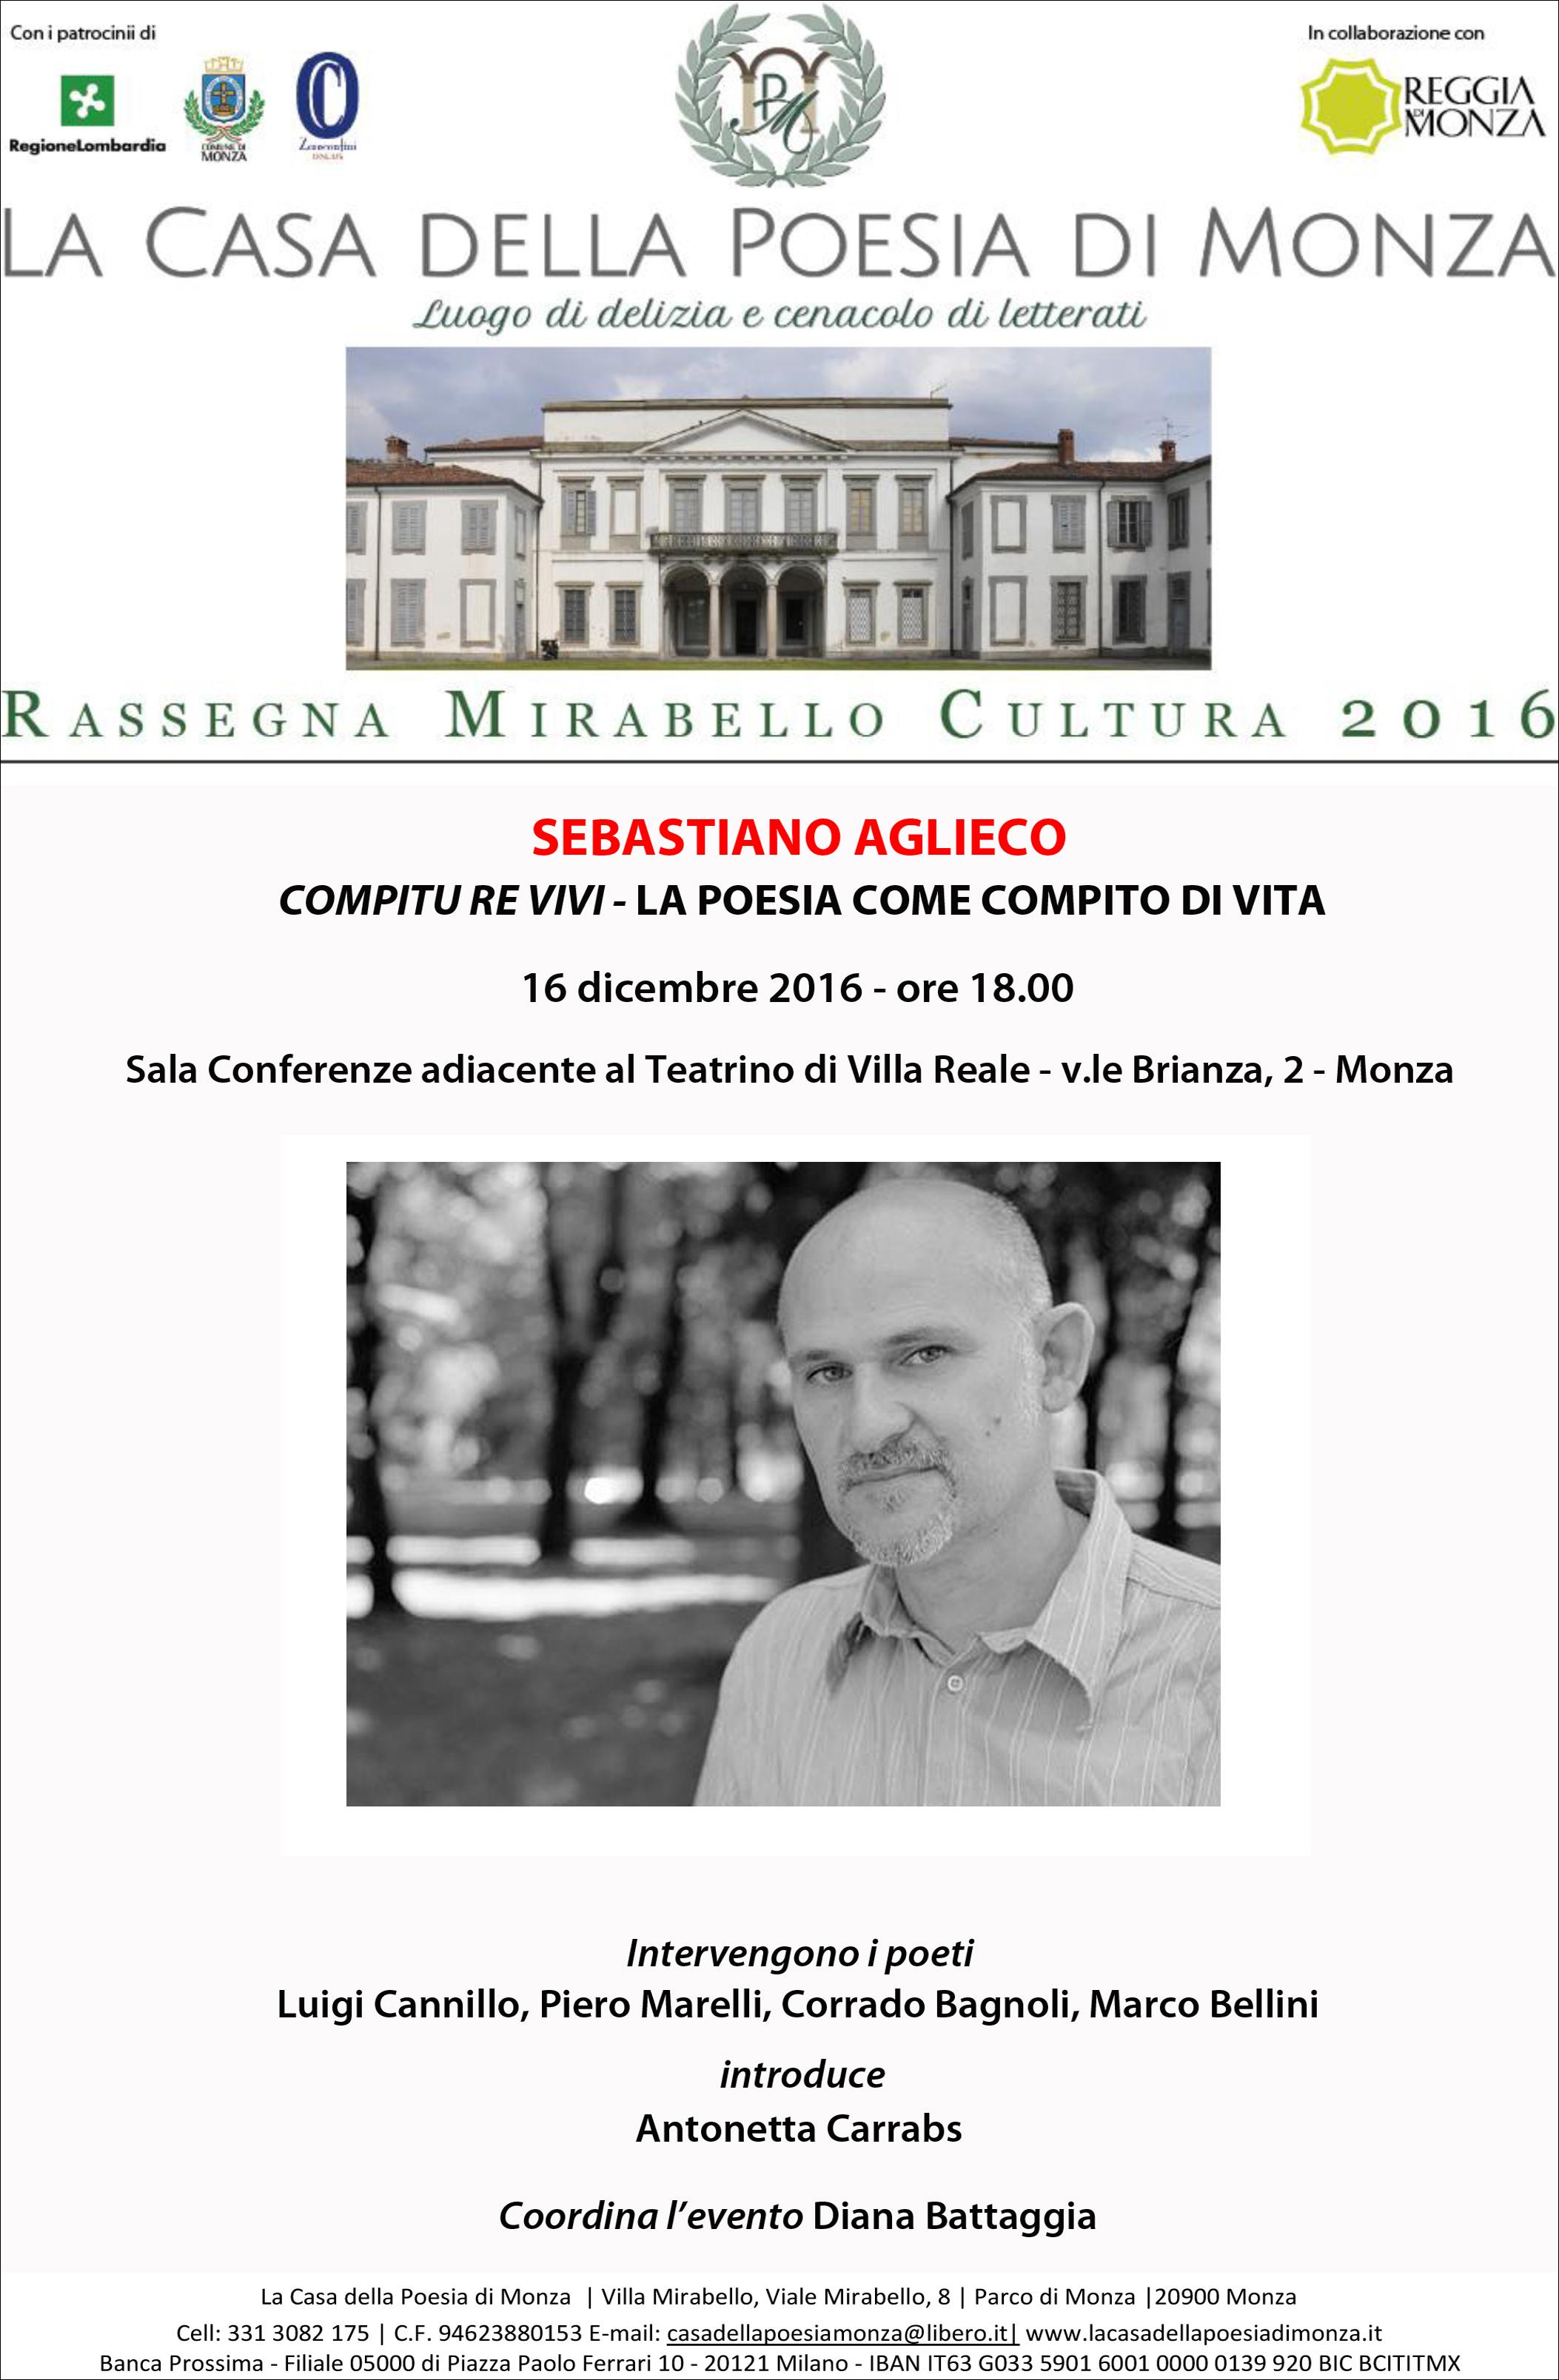 MIRABELLO CULTURA 2016 Sebastiano Aglieco 16 dic 16 (clicca per file pdf)